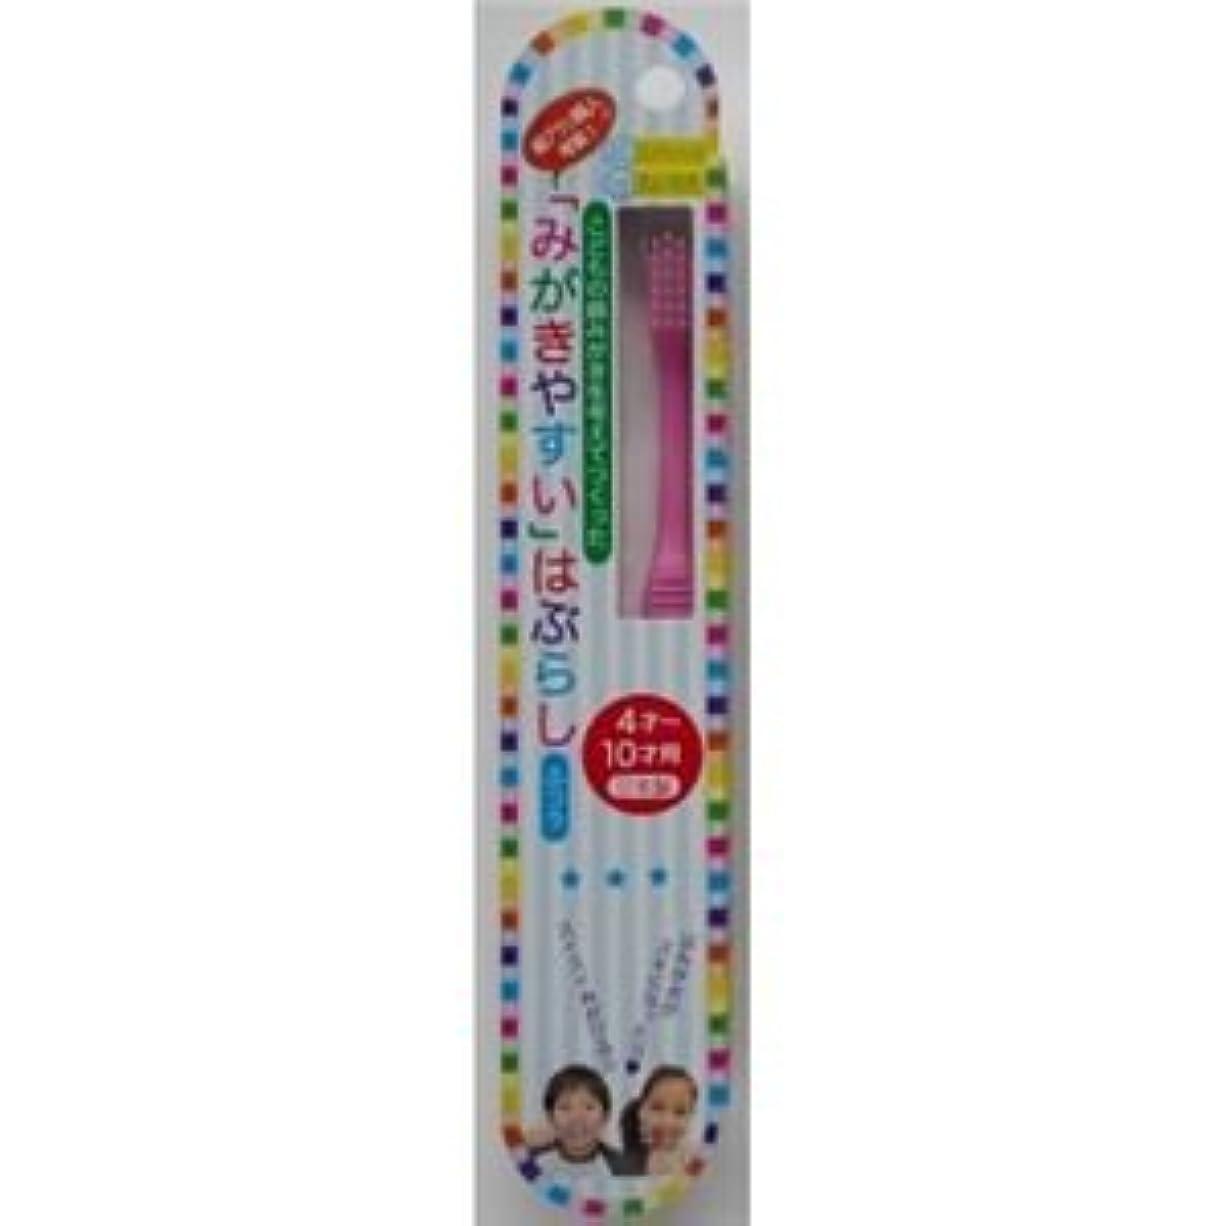 すぐにカスケード古代(まとめ)ライフレンジ 磨きやすい歯ブラシ LT-10 「磨きやすい」歯ブラシ こども用 【×12点セット】